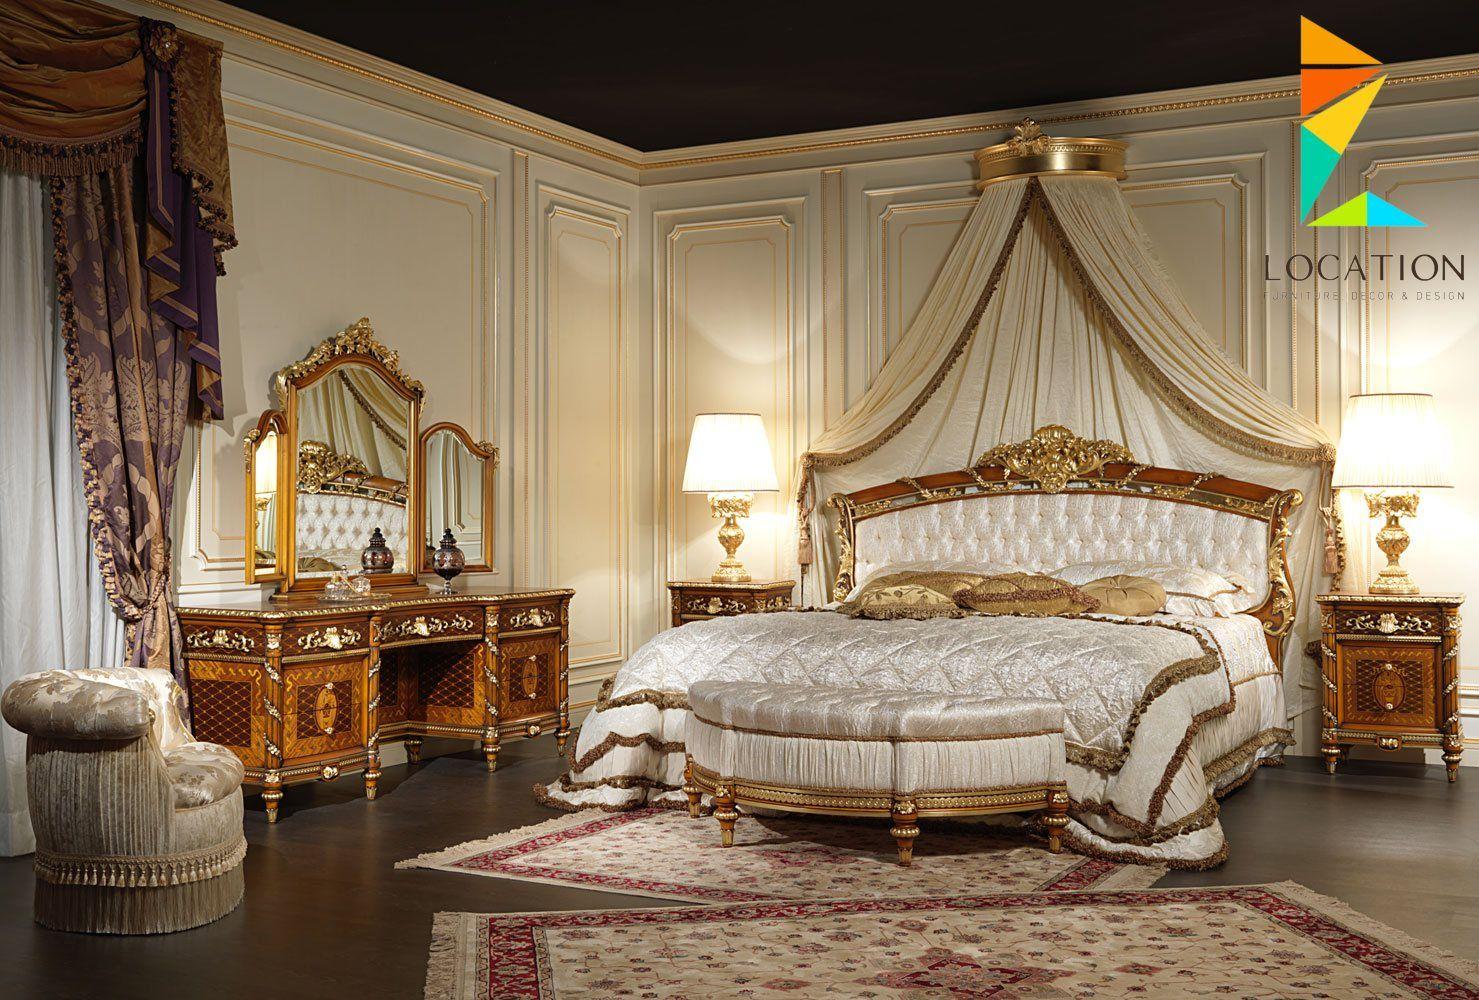 غرف نوم كلاسيك بلمسات إيطالية لعشاق الفخامة Classic Bedroom Luxury Furniture Classic Bedroom Design